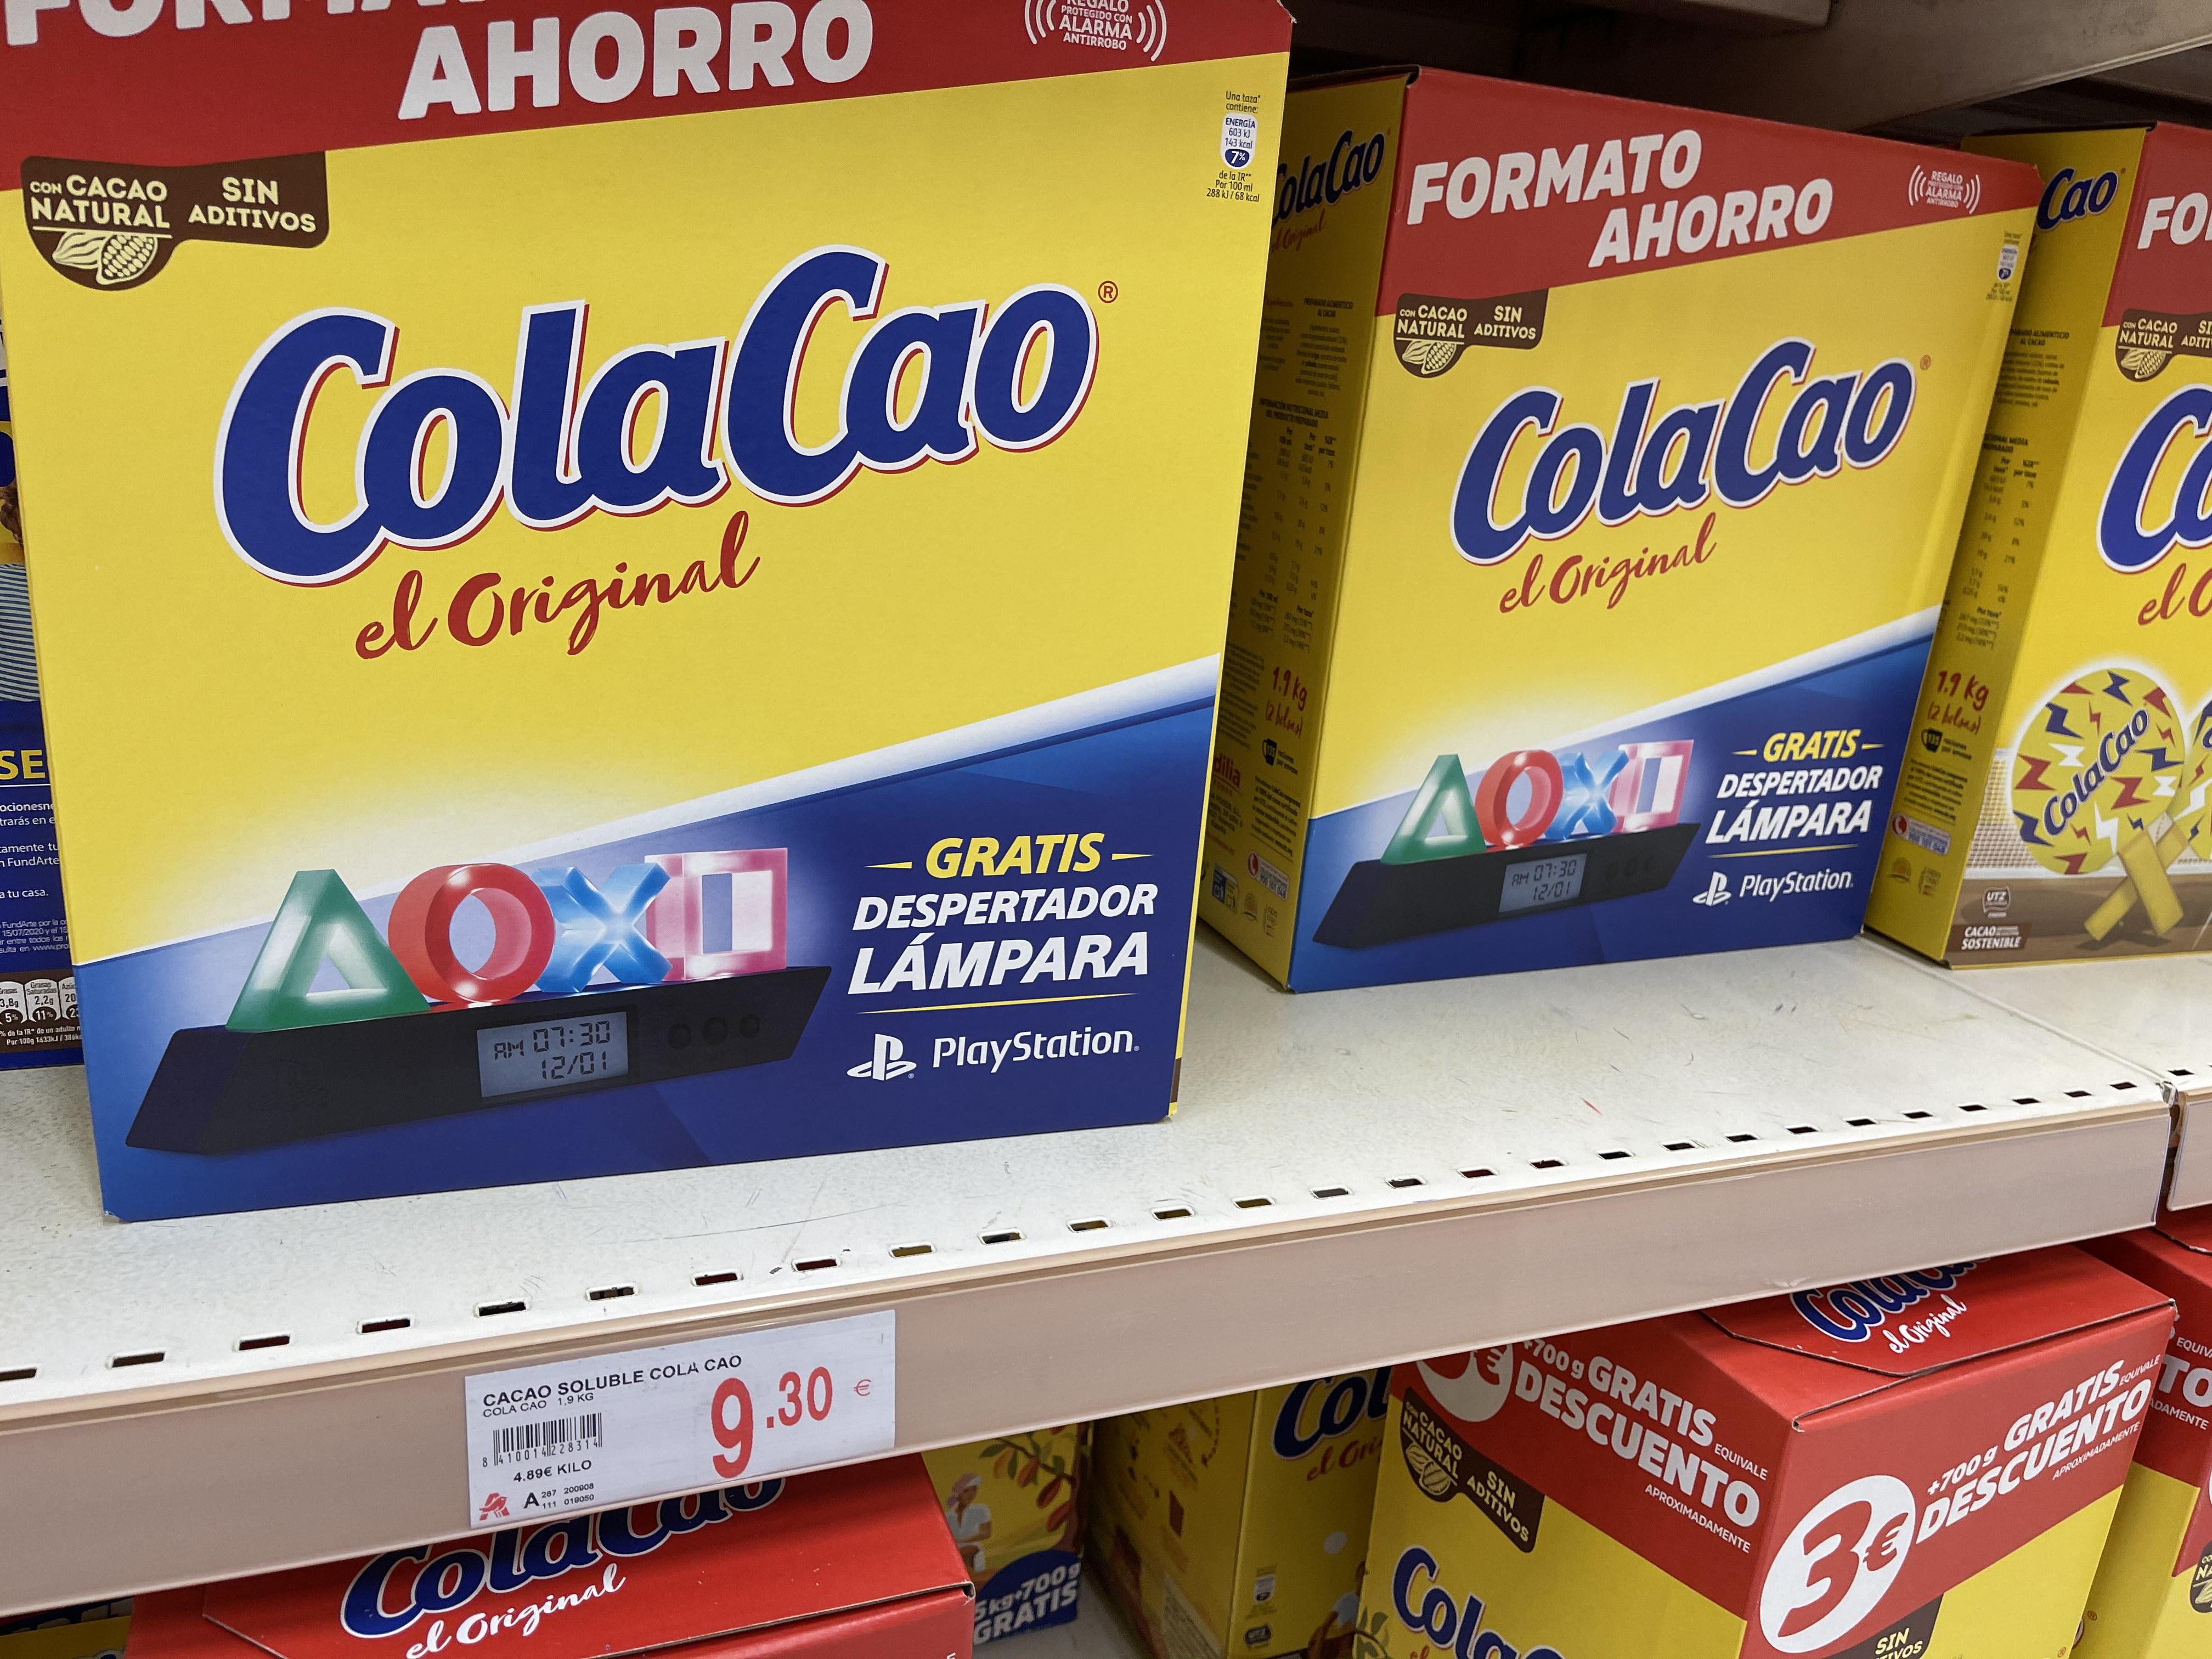 Cola cao 1900g + Lámpara Playstation (Alcampo Murcia)